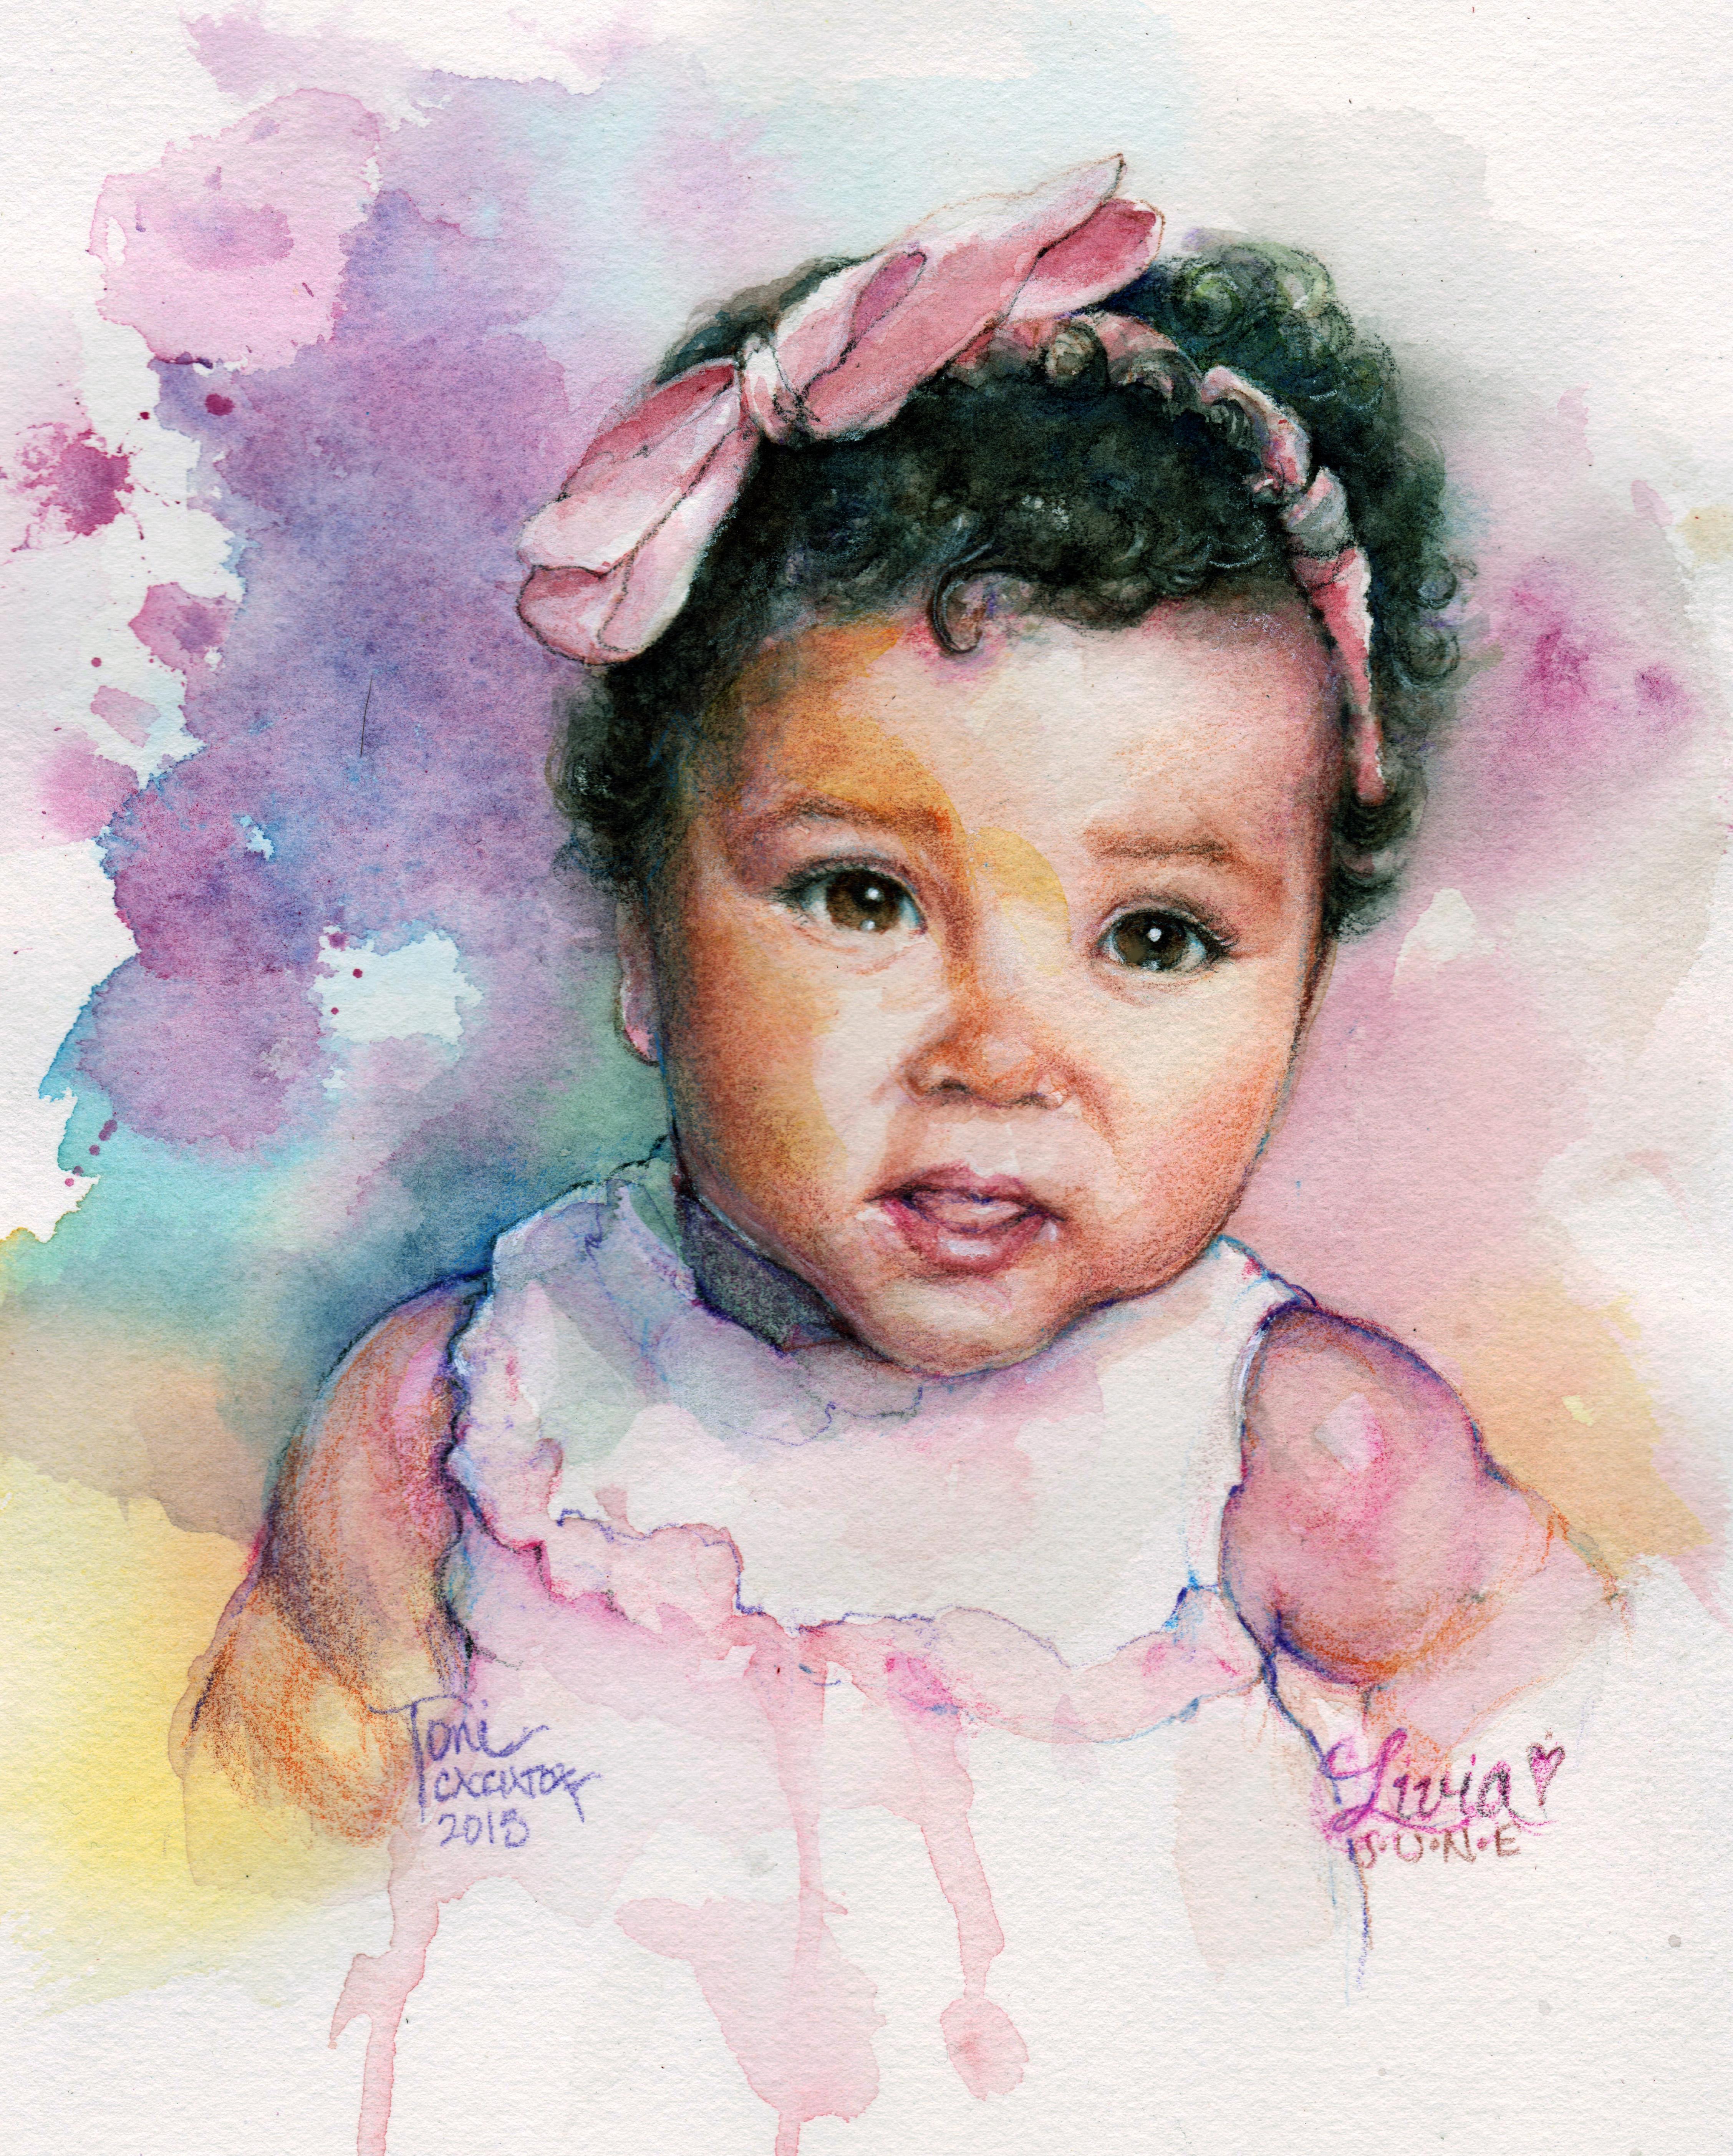 Livia June @ 8 months